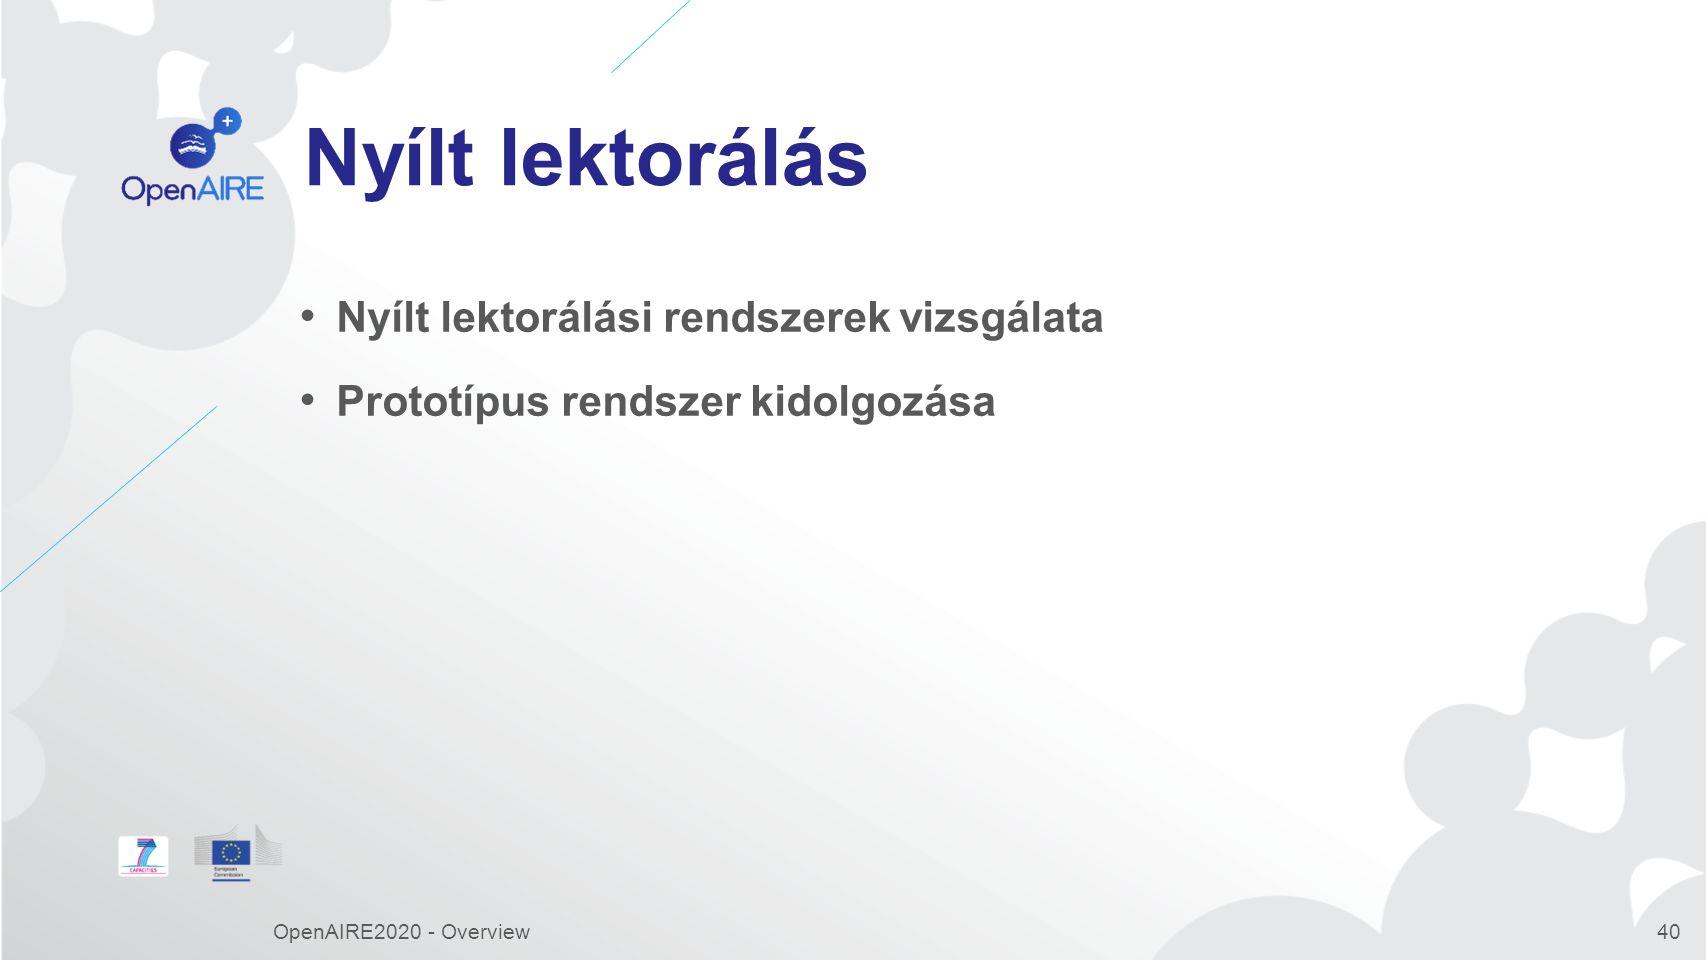 Nyílt lektorálás Nyílt lektorálási rendszerek vizsgálata Prototípus rendszer kidolgozása OpenAIRE2020 - Overview40